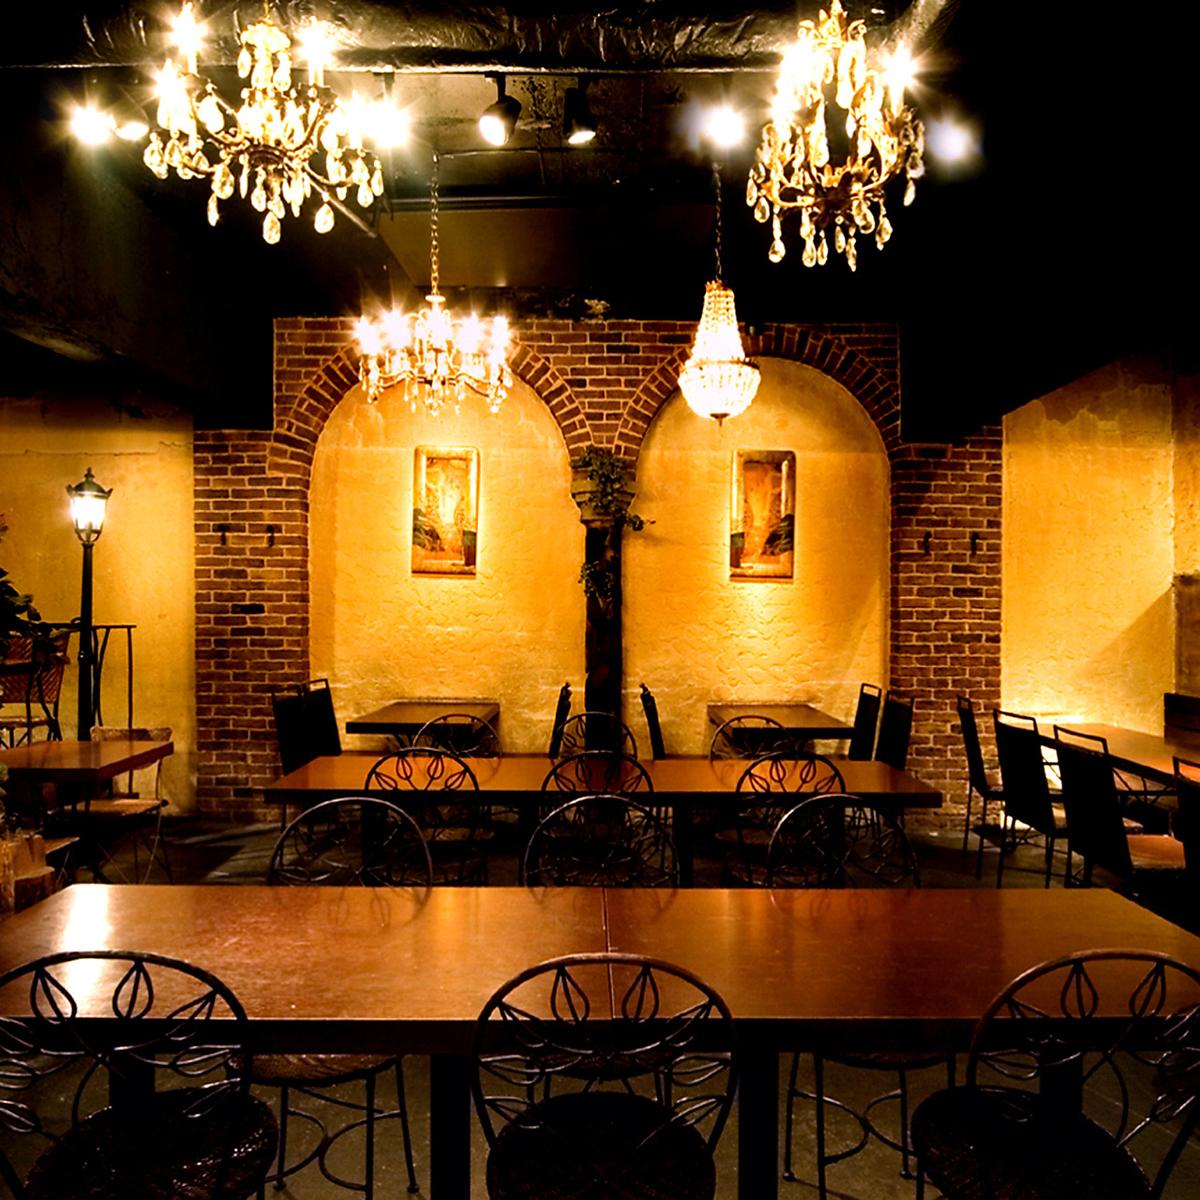 店内の中央に位置する長テーブルは6名様~20名様までご利用いただけるテーブル席。 まとまってお座りいただけますので、グループの一体感がより増します!!